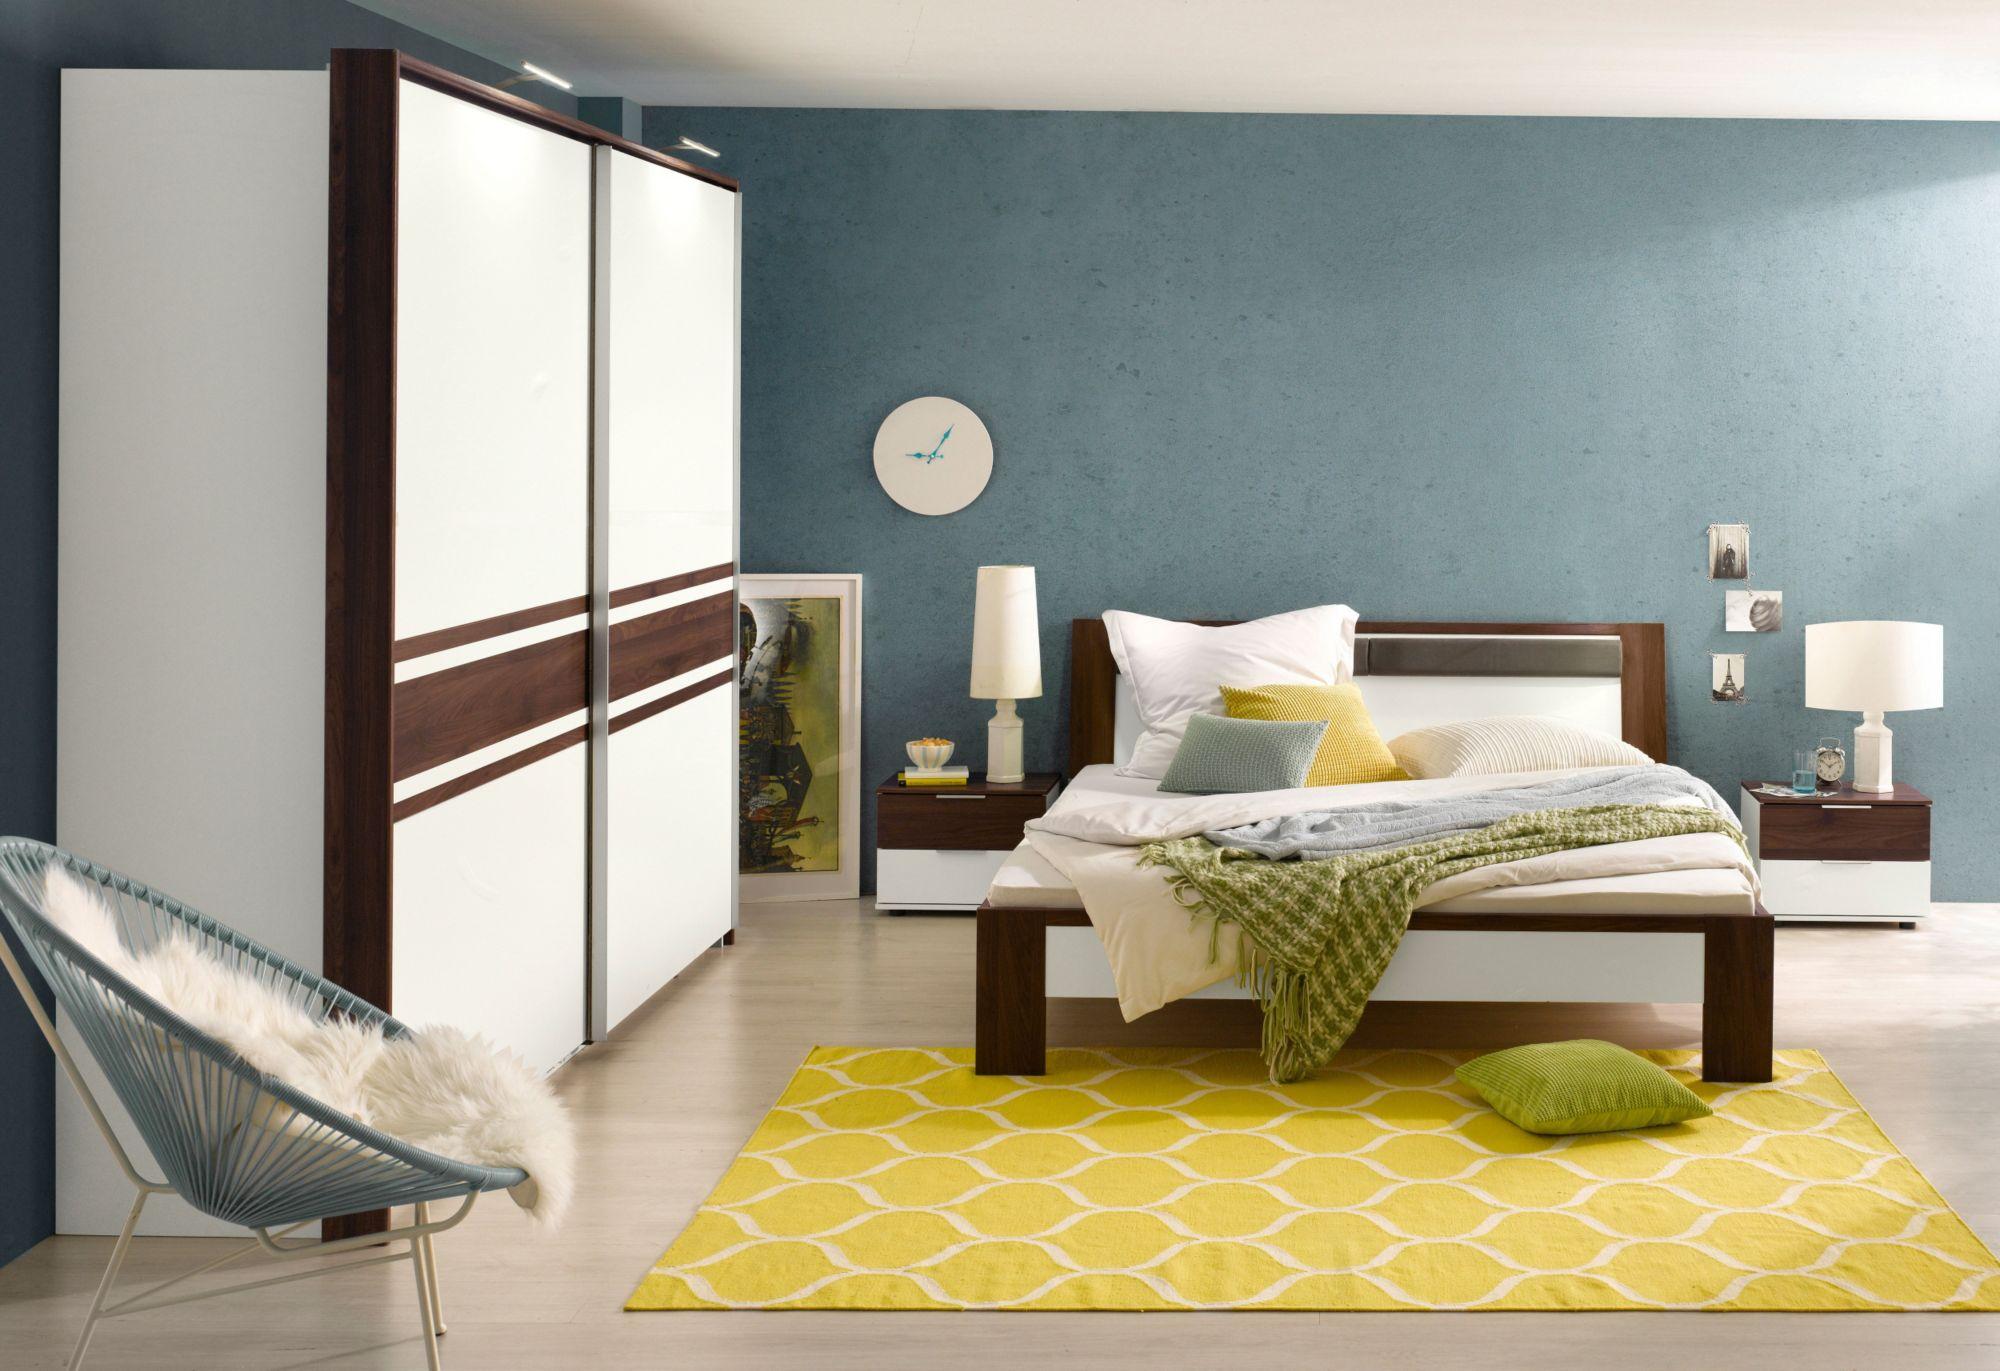 FRESH TO GO Fresh To Go Schlafzimmer-Set mit Schwebetürenschrank (4-tlg.)